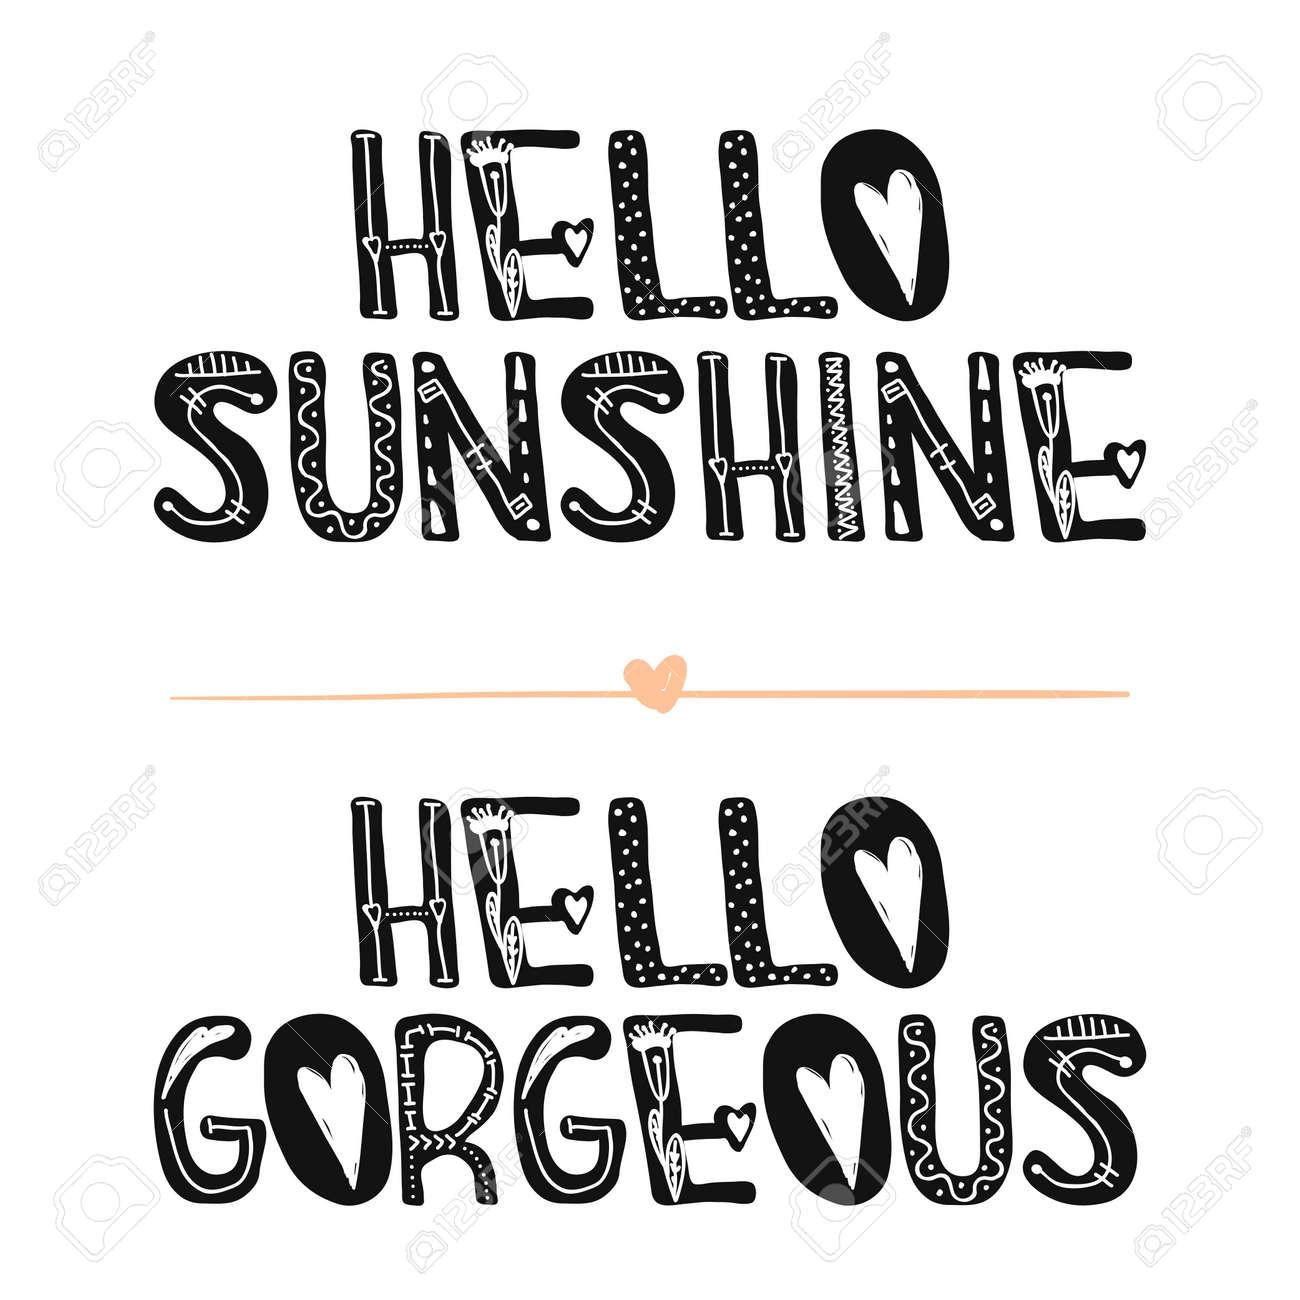 Hola Luz De Sol Hola Preciosa Frases Motivacionales Dulce Inspiración Linda Tipografía Caligrafía Foto Elemento Gráfico De Diseño Un Letrero